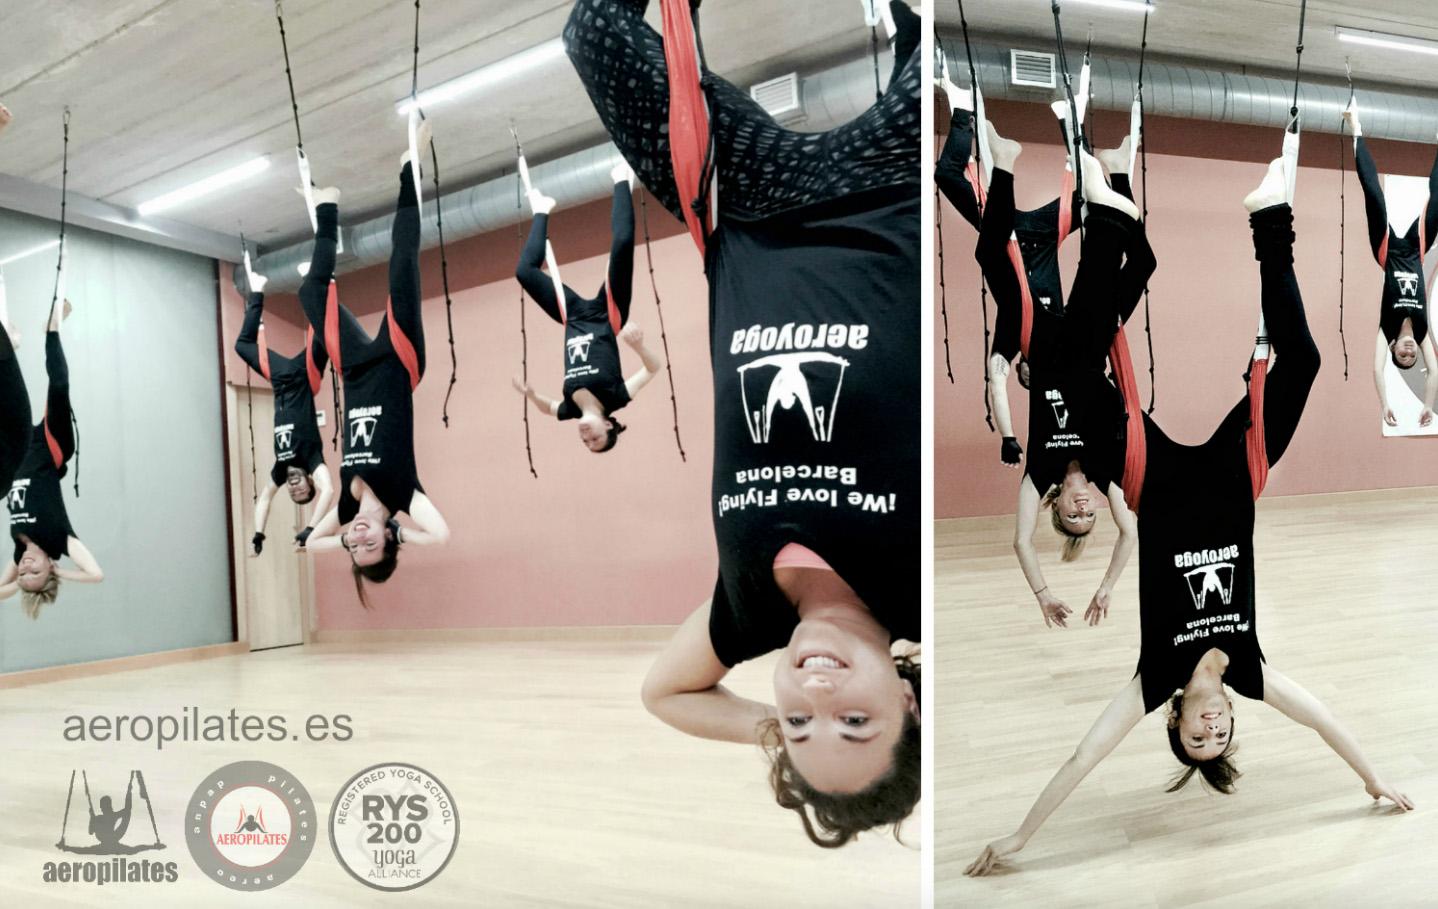 Beneficios del Pilates Aéreo, Nuevo Curso Formación AeroPilates ® en Madrid.